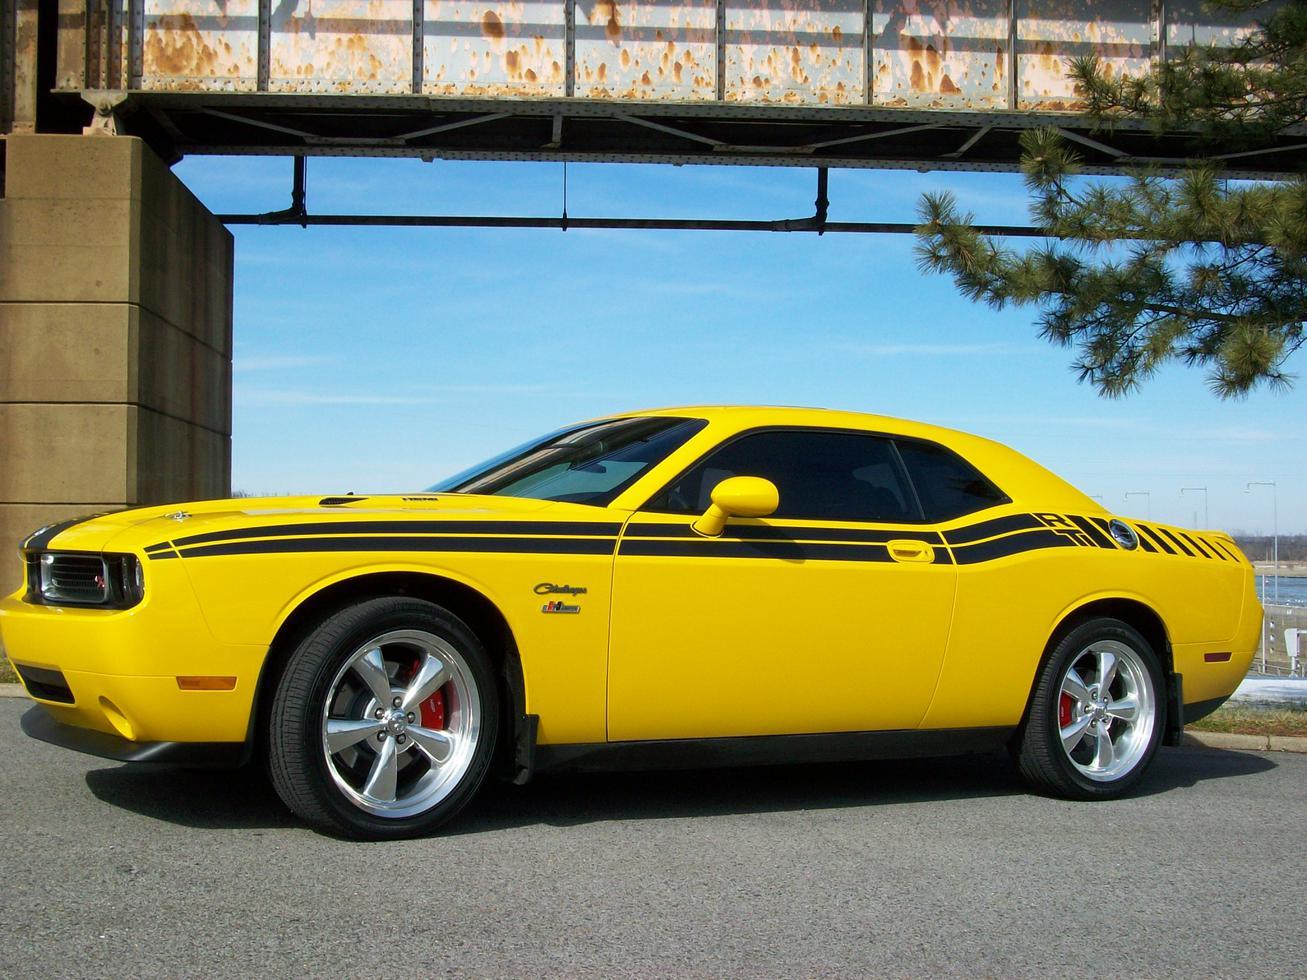 2004 Yellow Dodge Rumble Bee